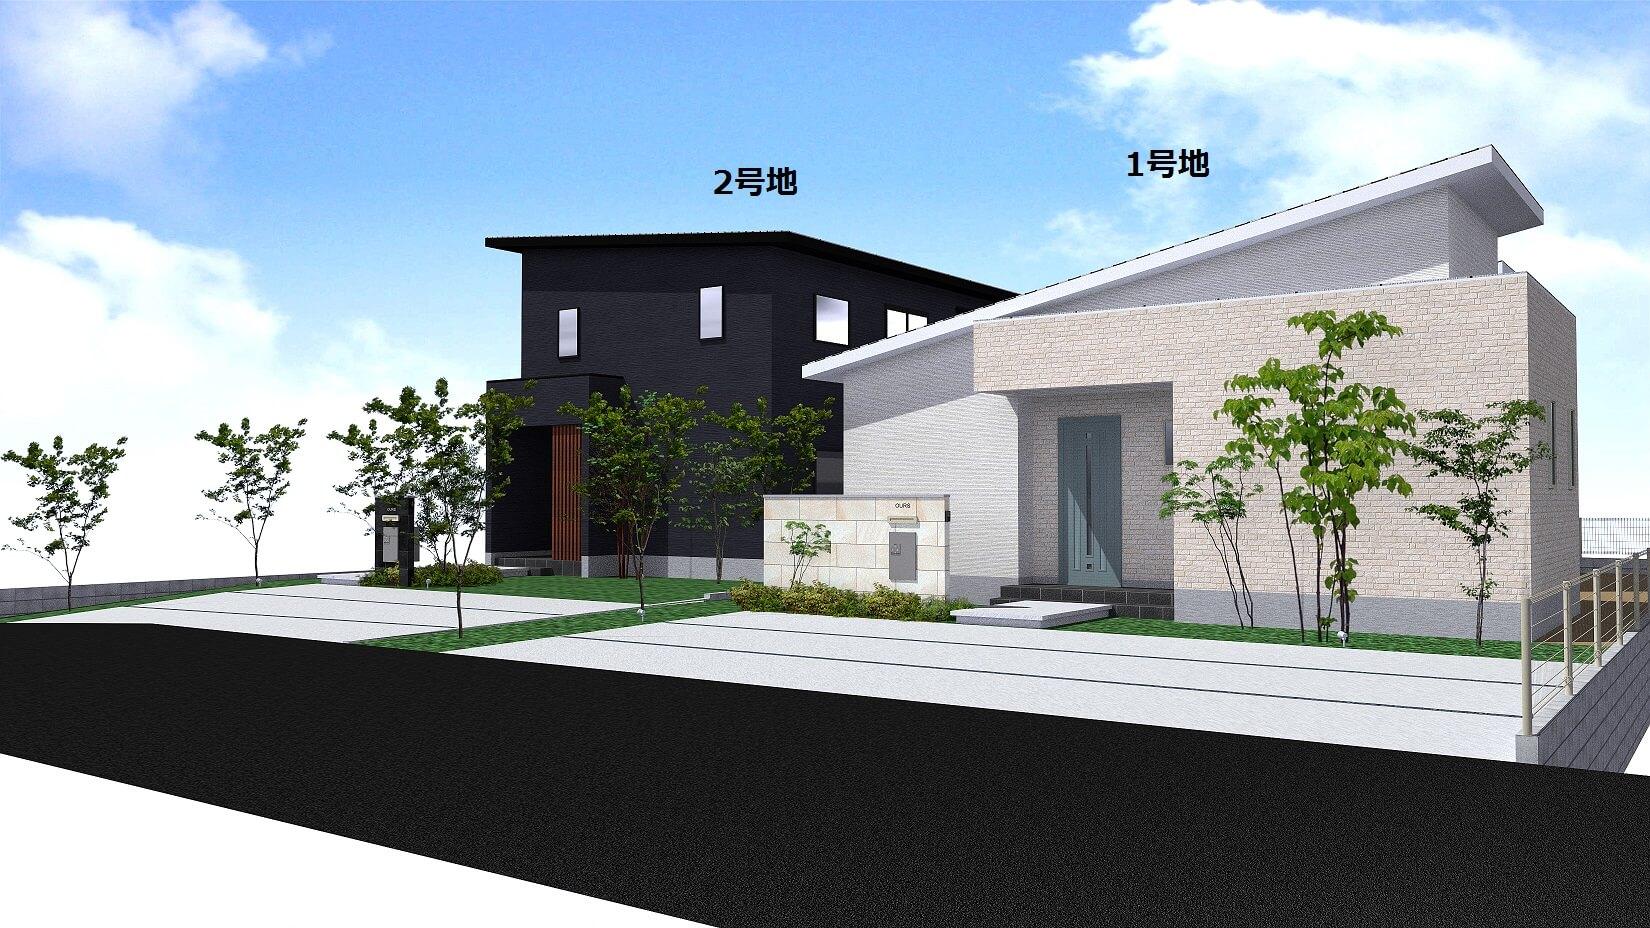 佐賀市兵庫 新築建売住宅「OURS兵庫」